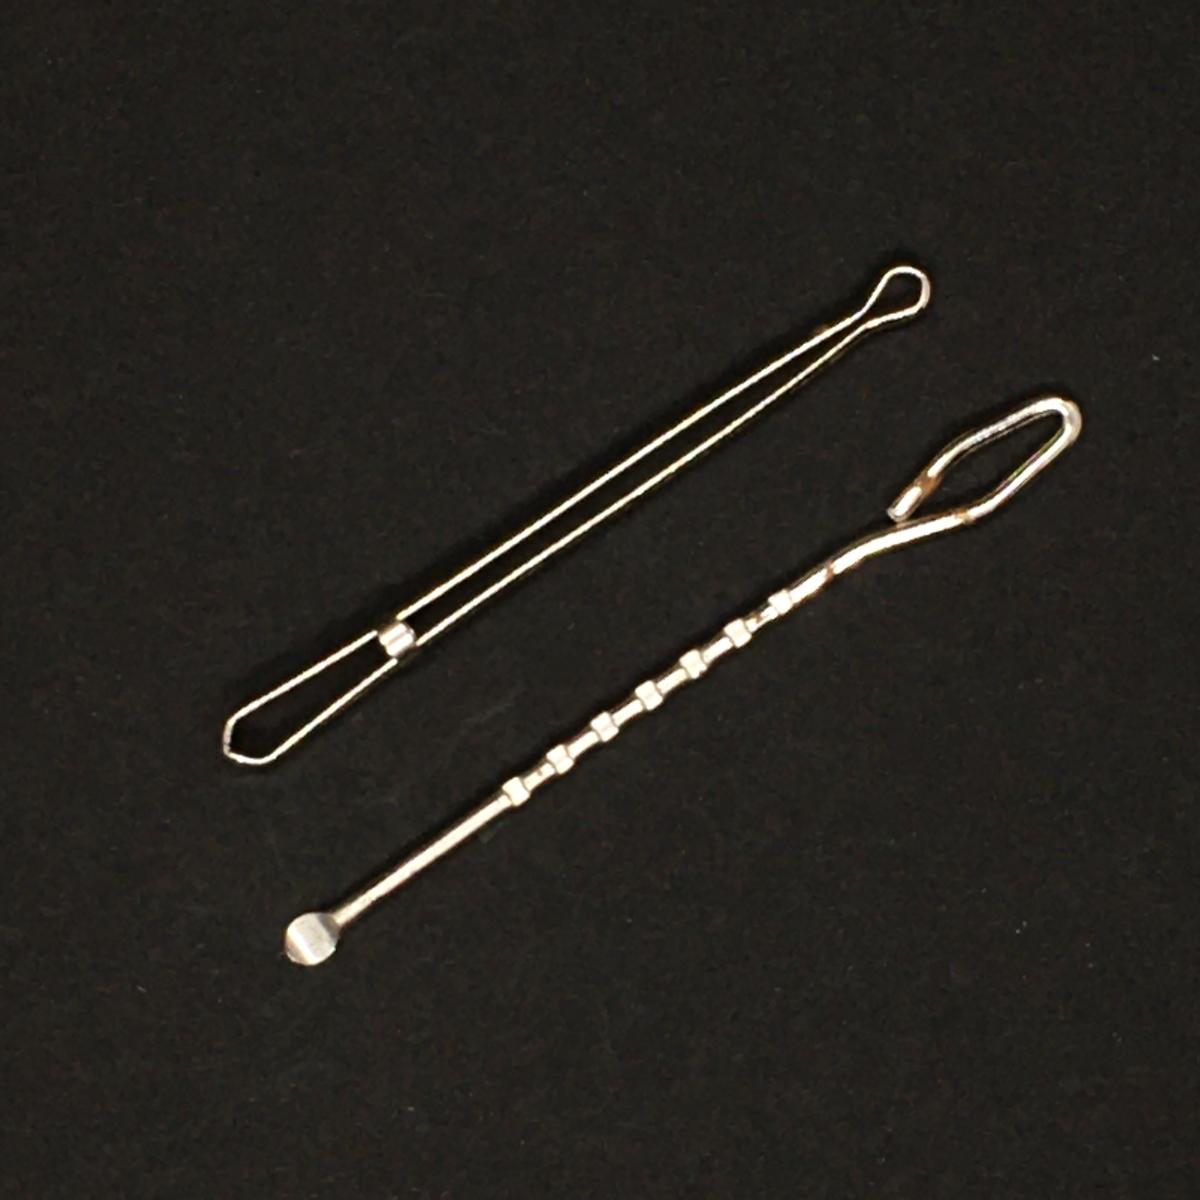 ゴム紐を通す金具部品